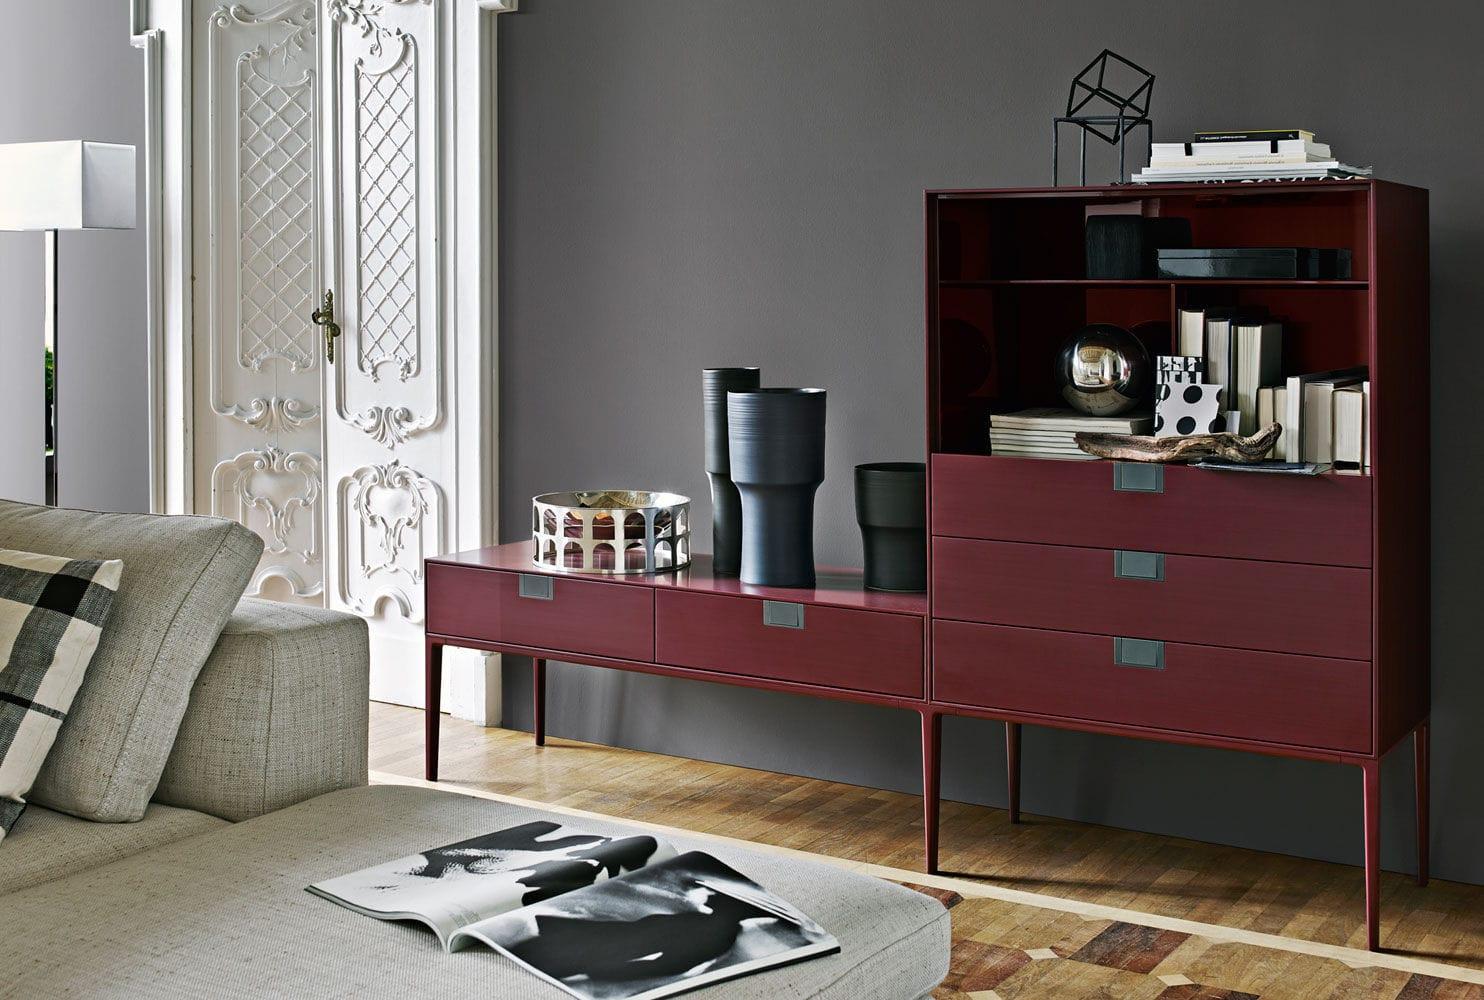 meuble bar contemporain / en bois / par antonio citterio - alcor ... - Meuble Bar Design Contemporain